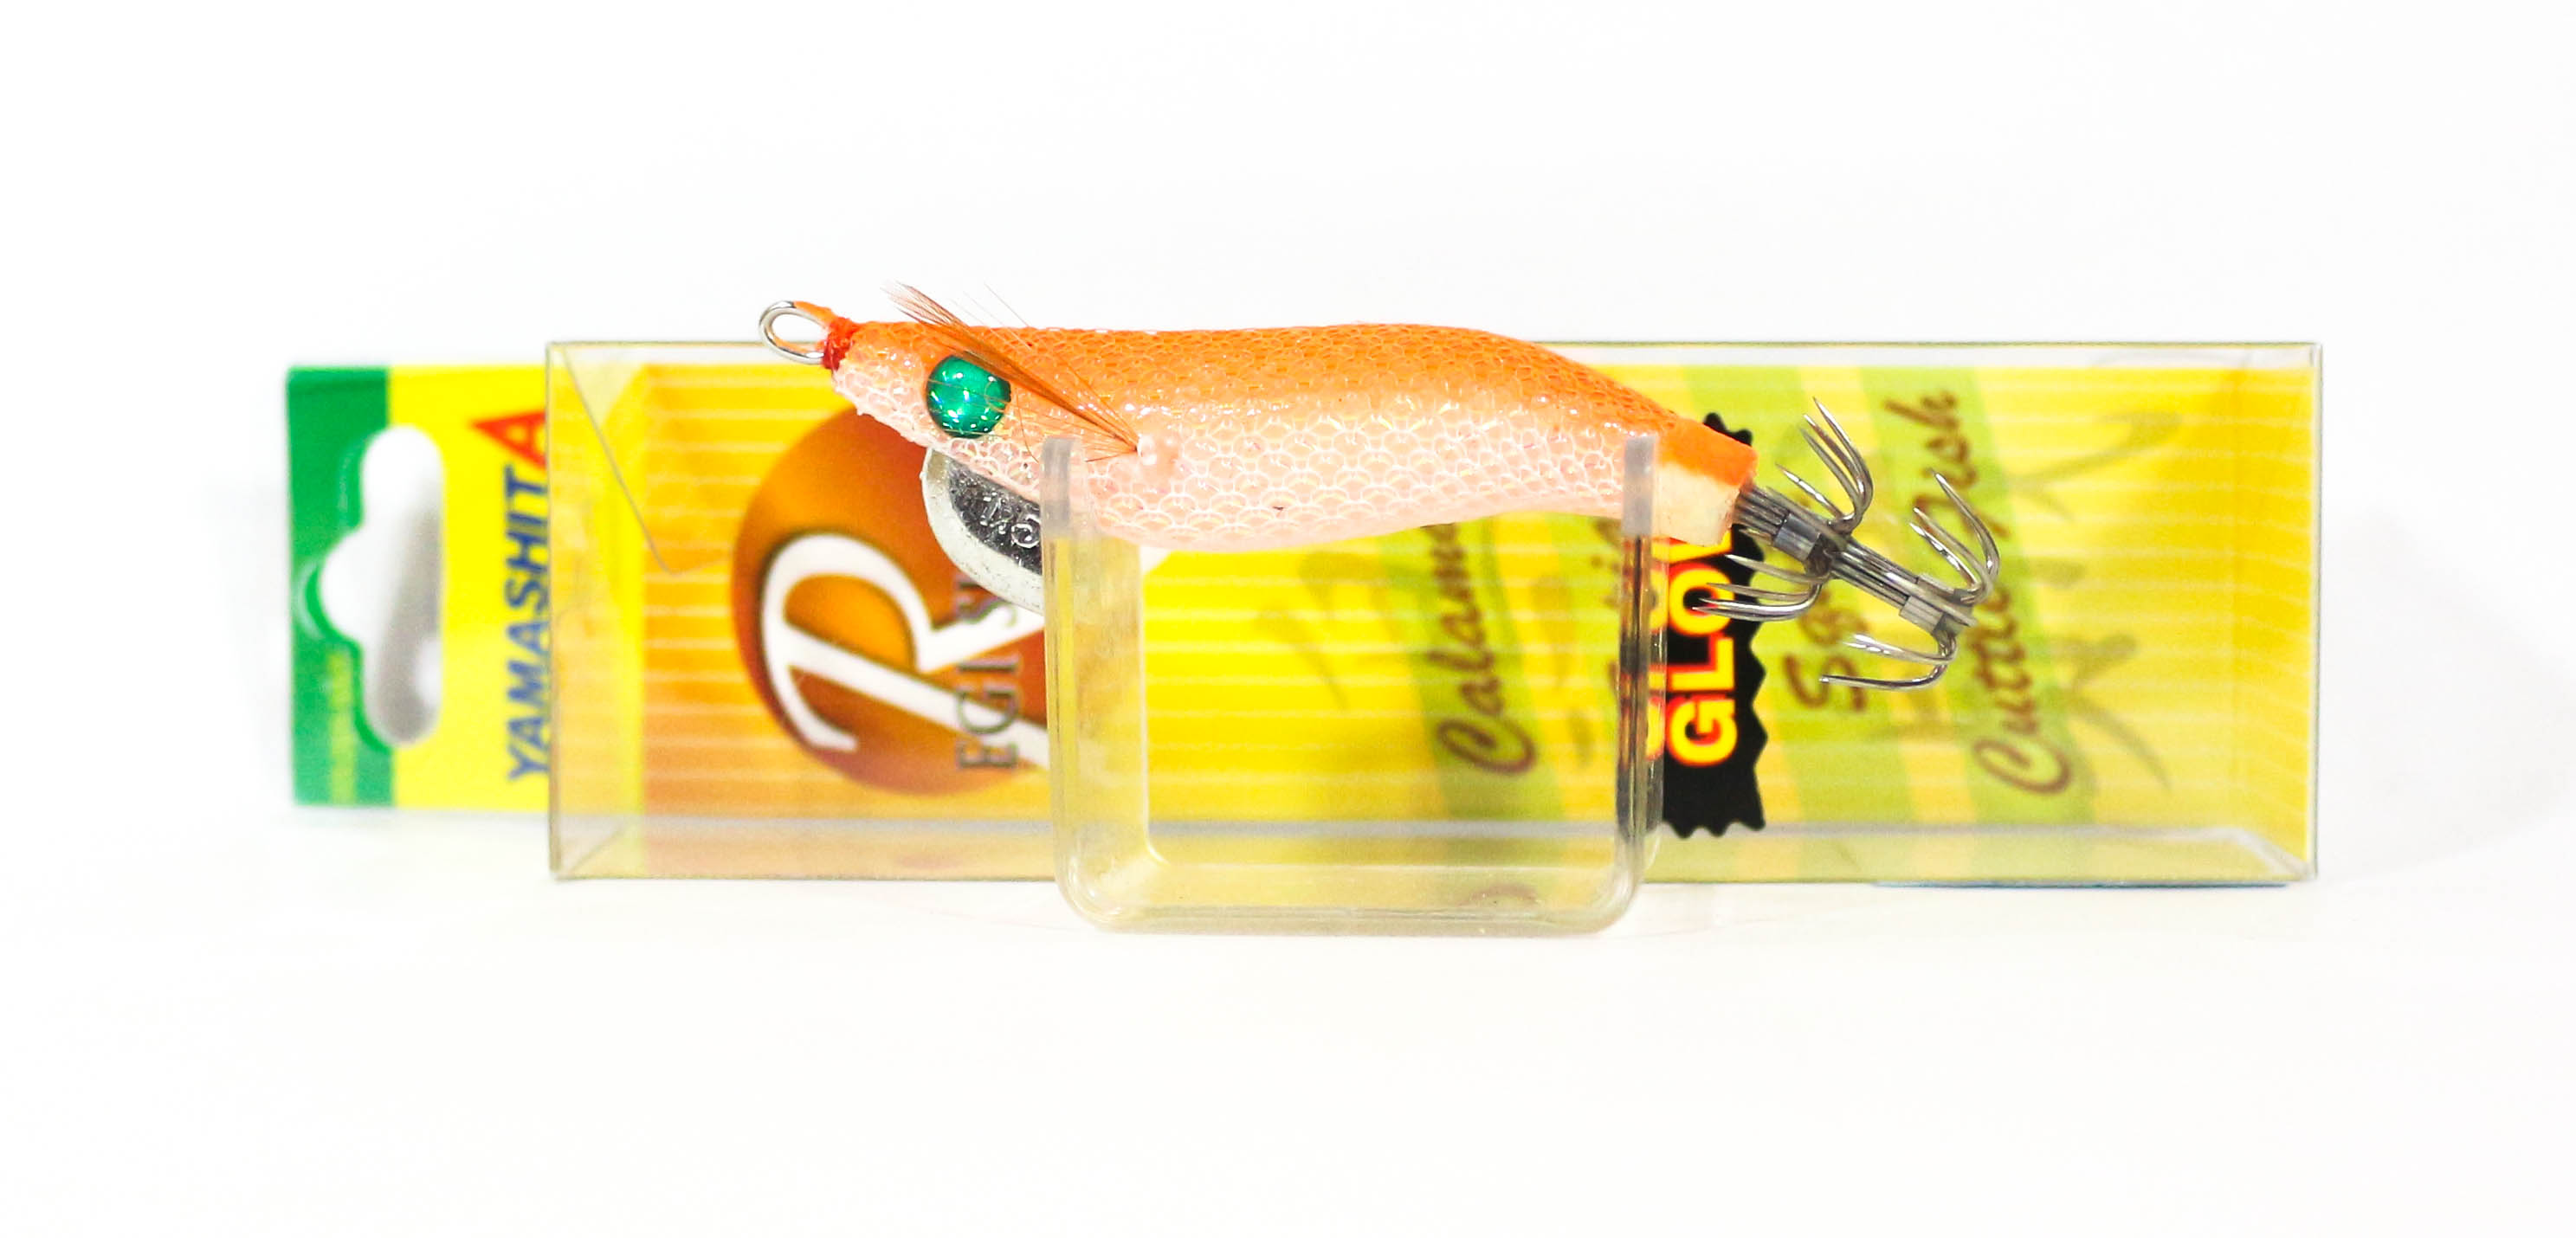 Yamashita Egi Sutte-R Squid Jig 1.5 N 3 grams 8-9 sec per meter F/RO (3325)